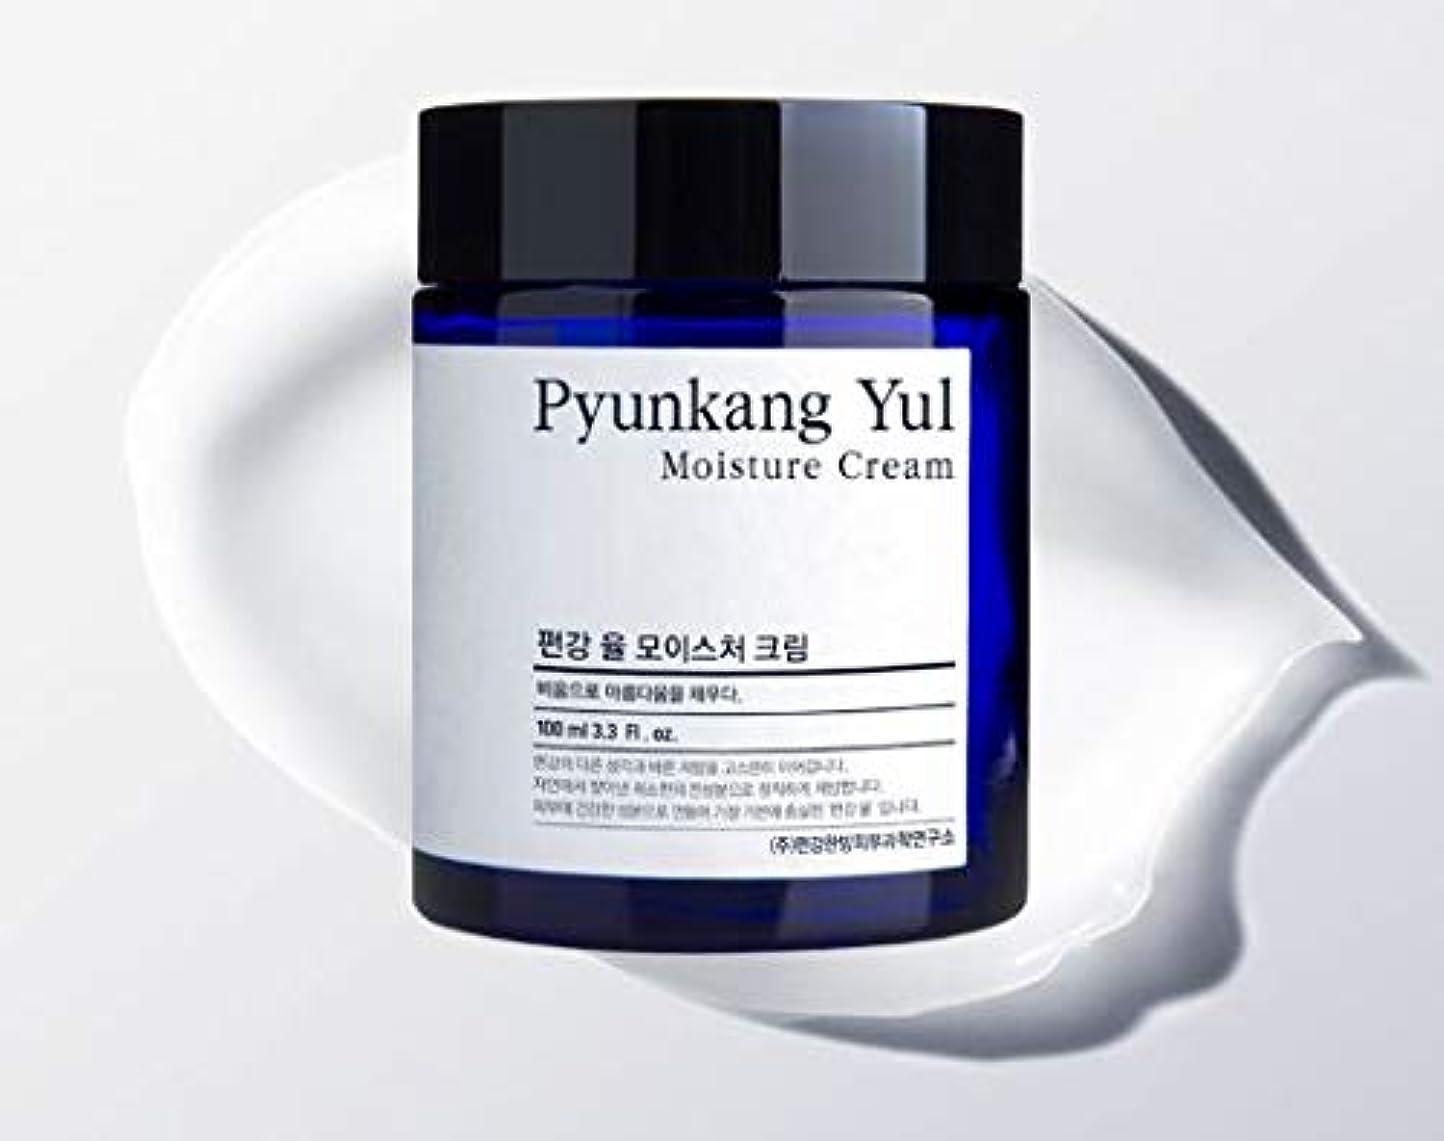 戦争スズメバチあさり[Pyunkang Yul] Moisture Cream 100ml /モイスチャークリーム 100ml [並行輸入品]